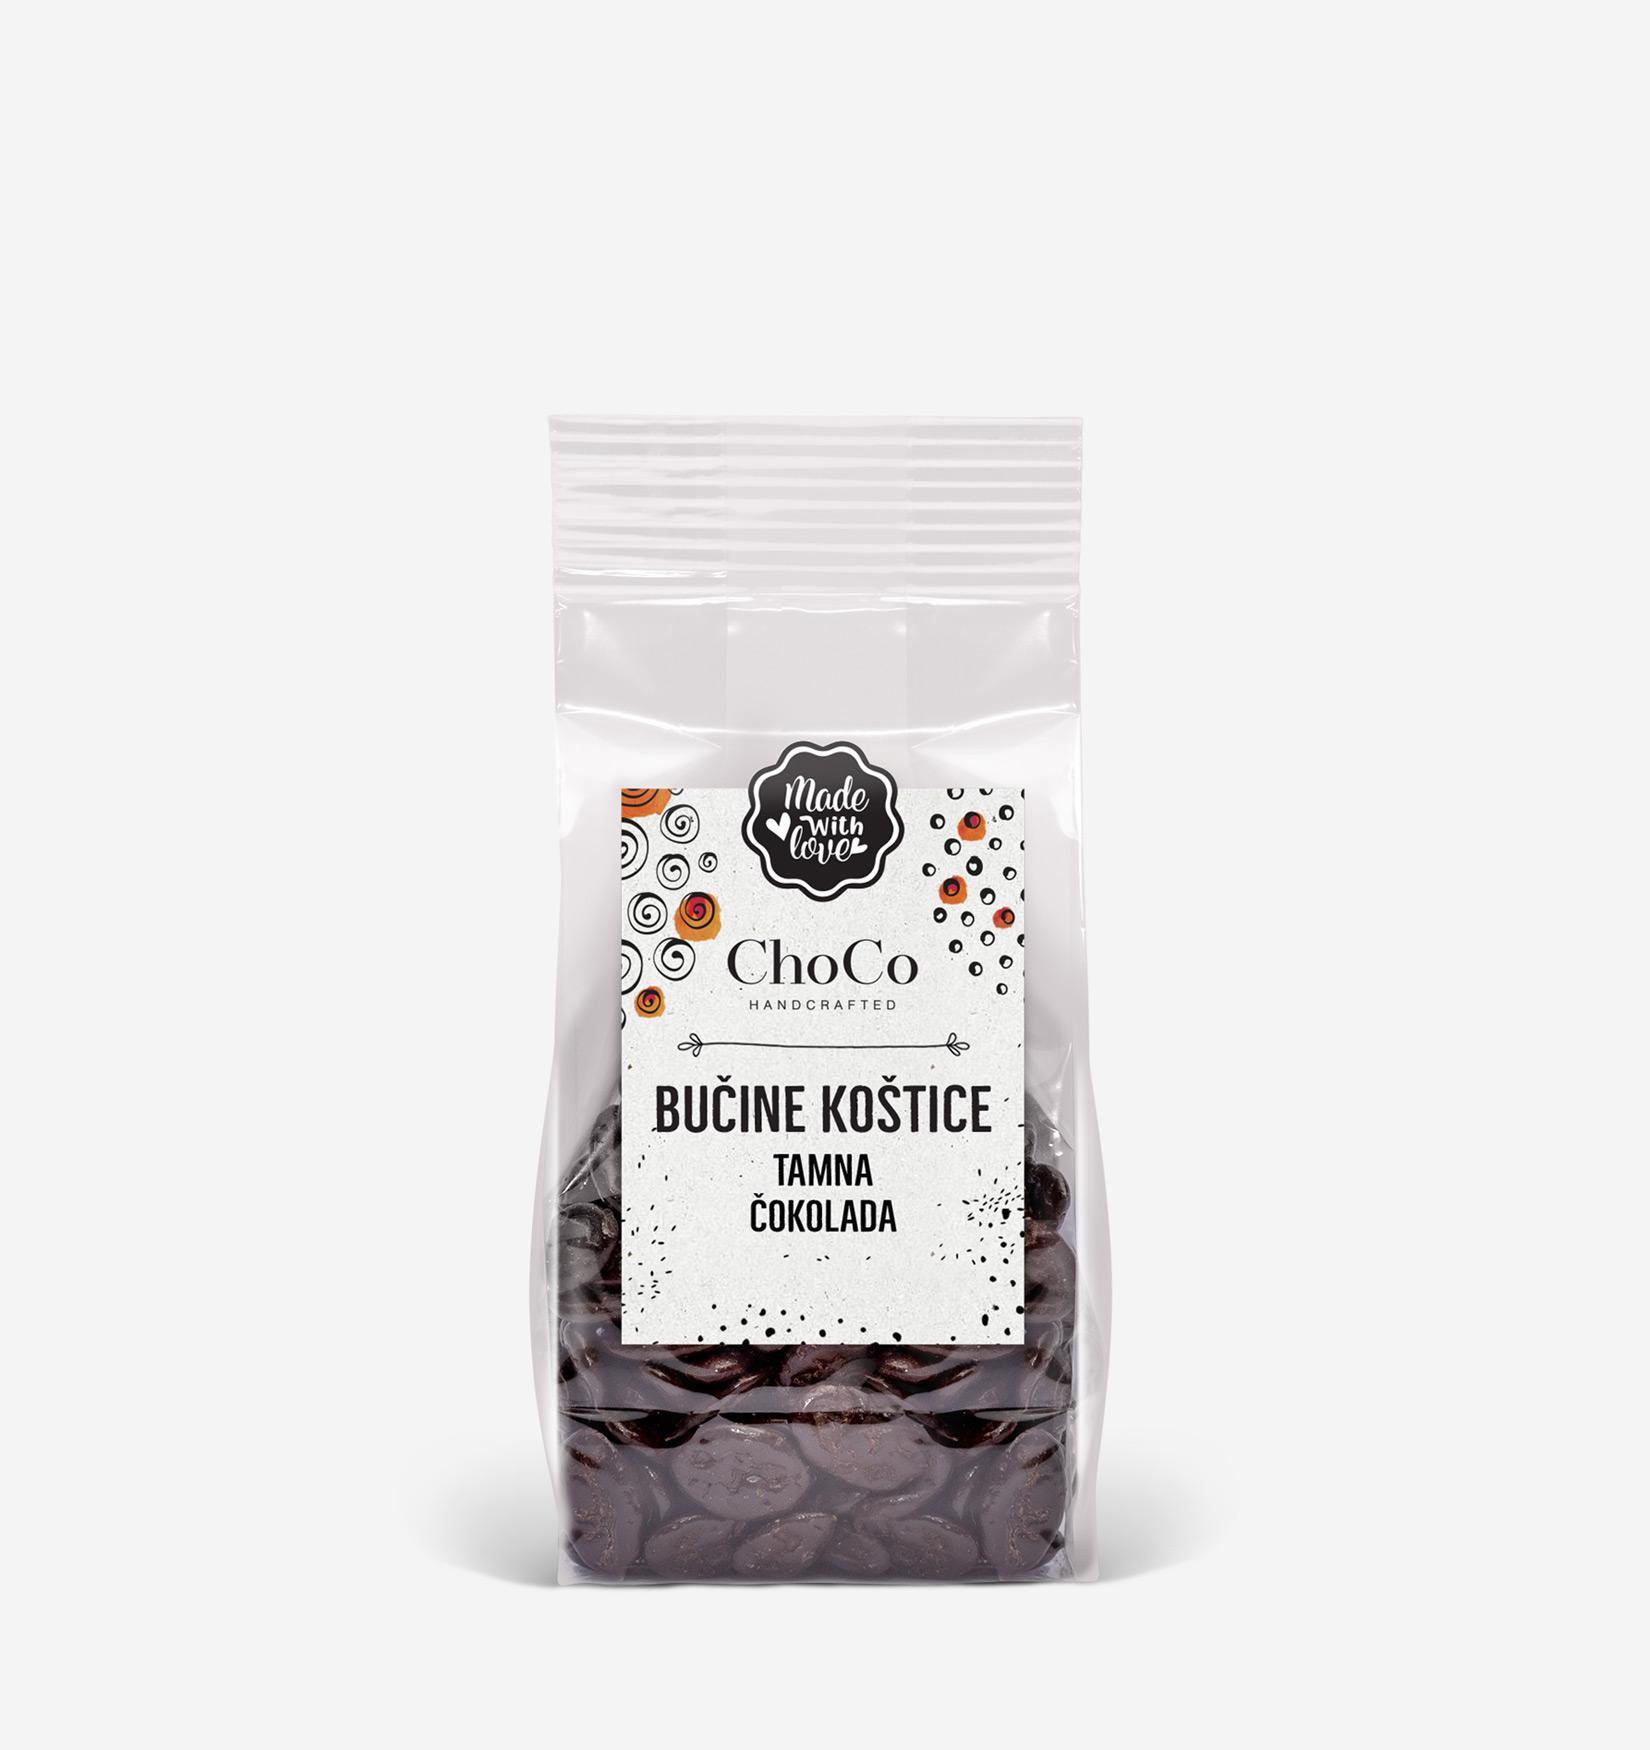 Bučine koštice u tamnoj čokoladi